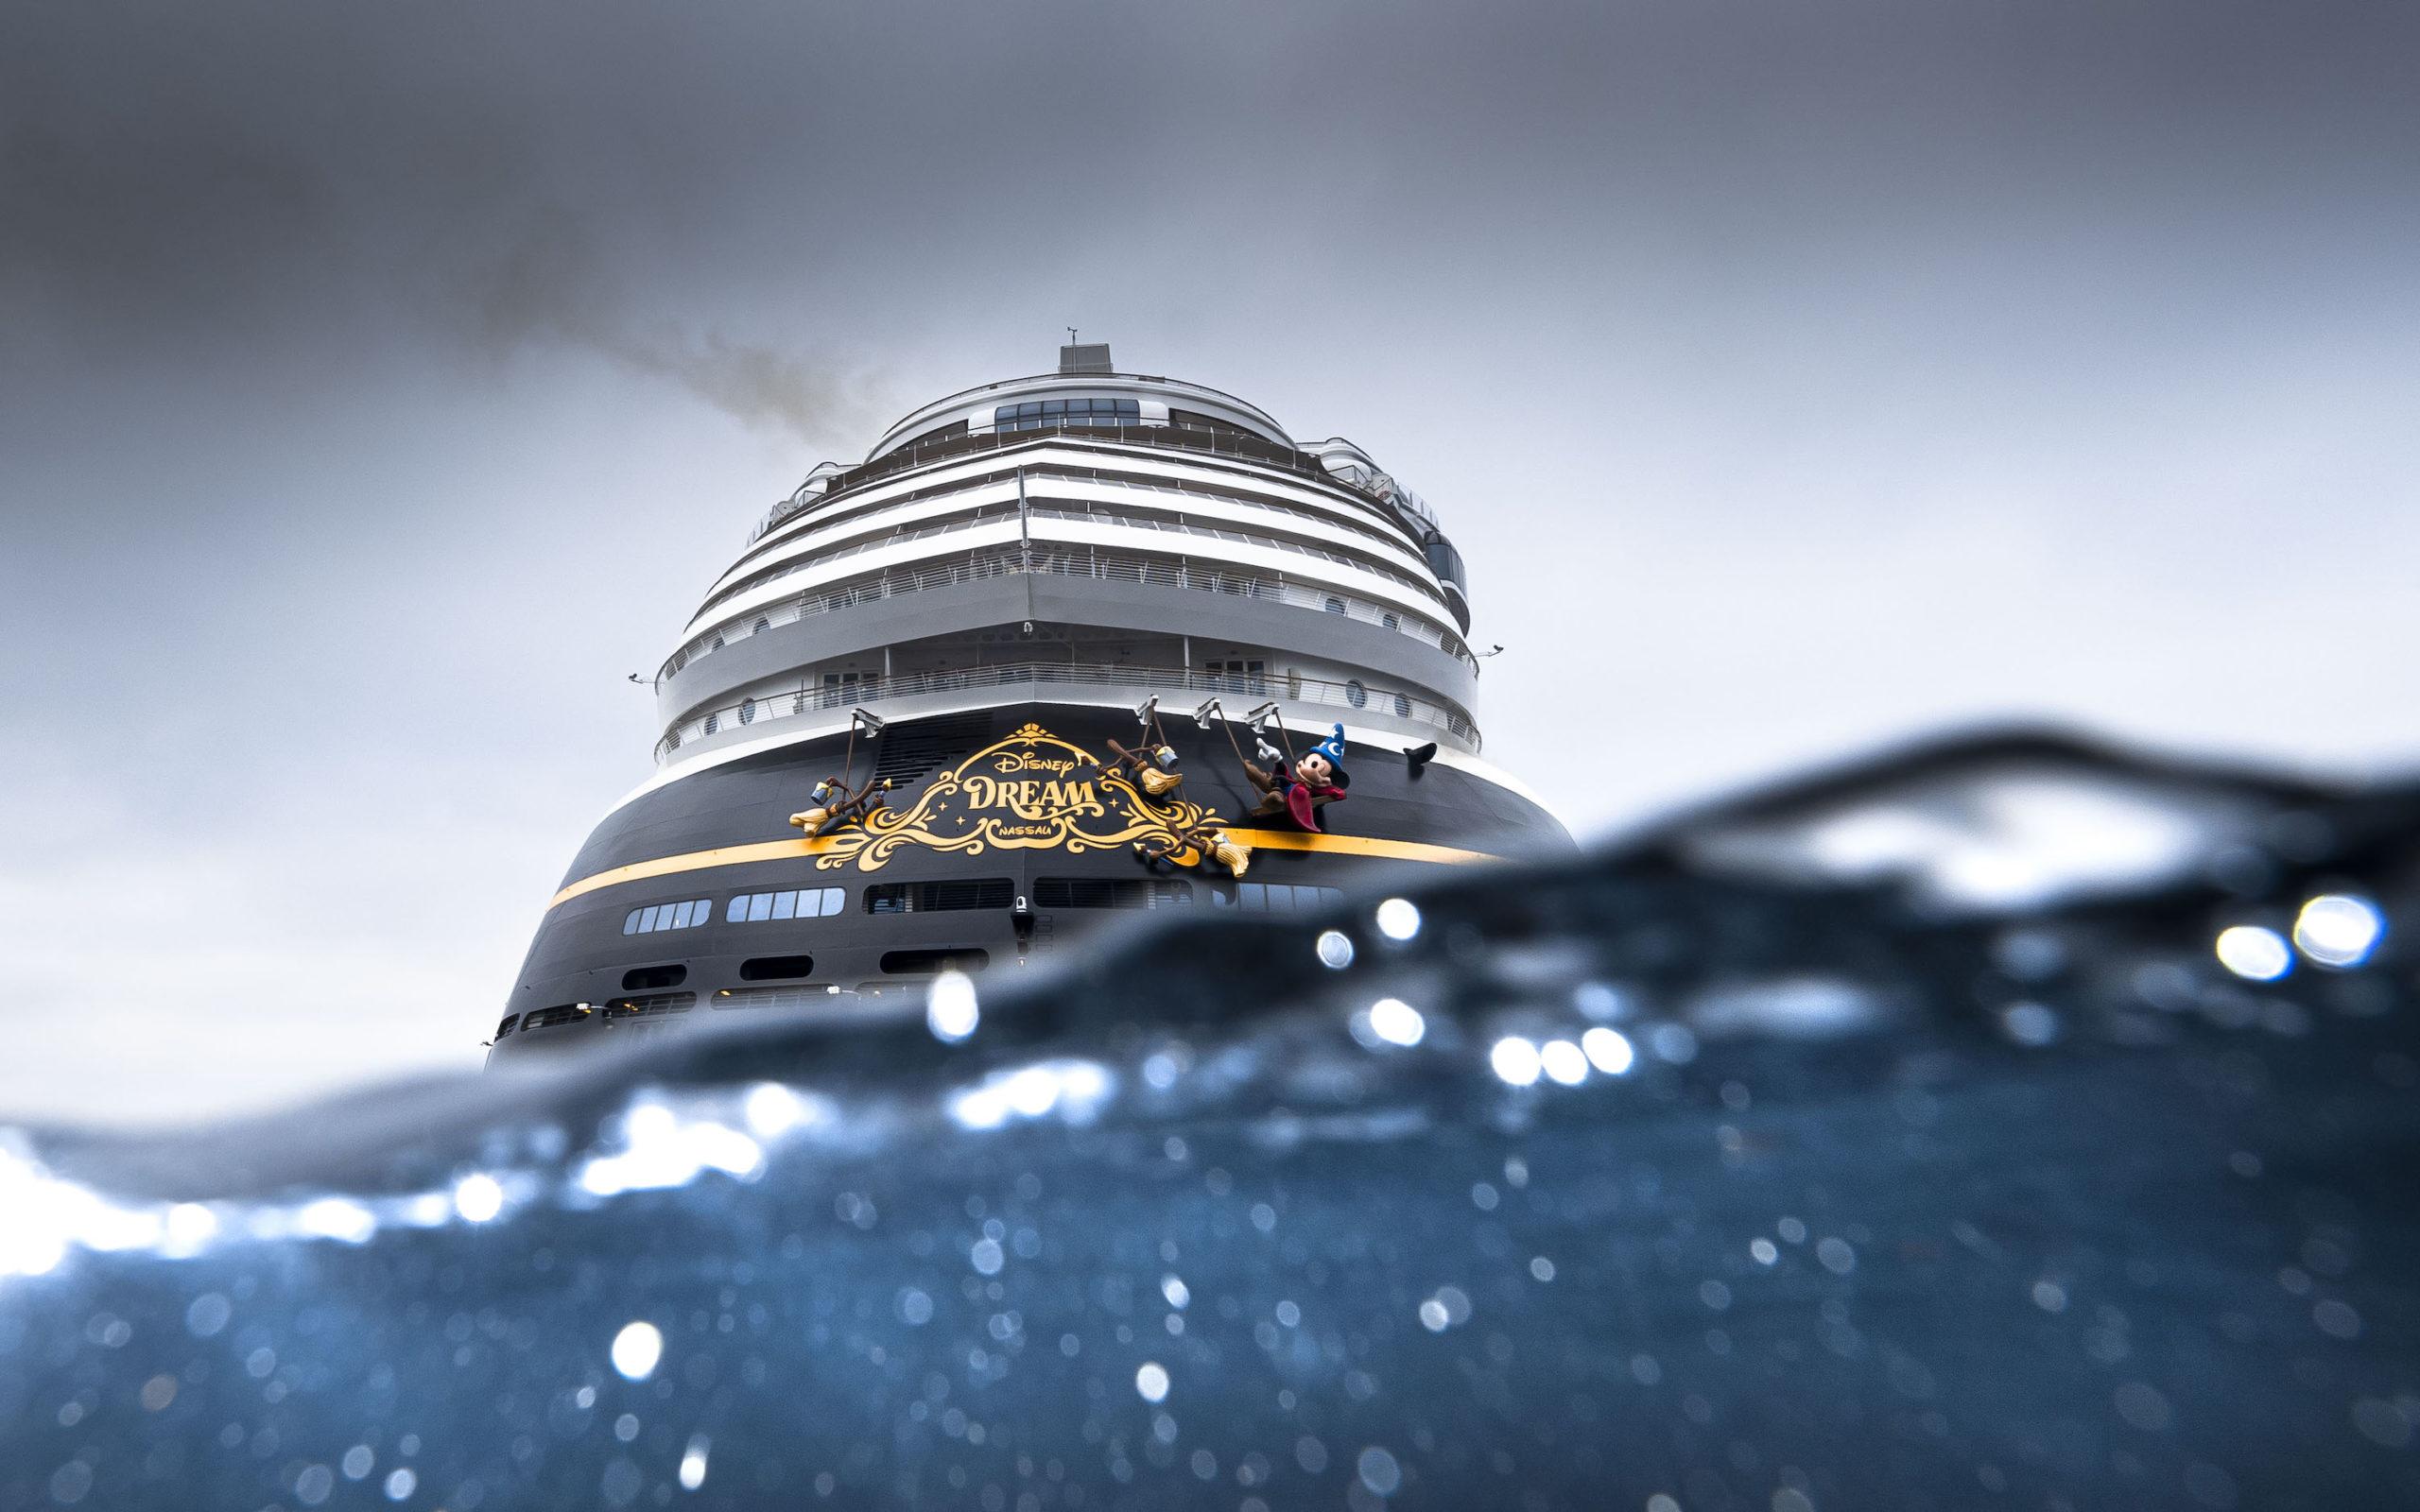 Mickey Marchande Mar Mar